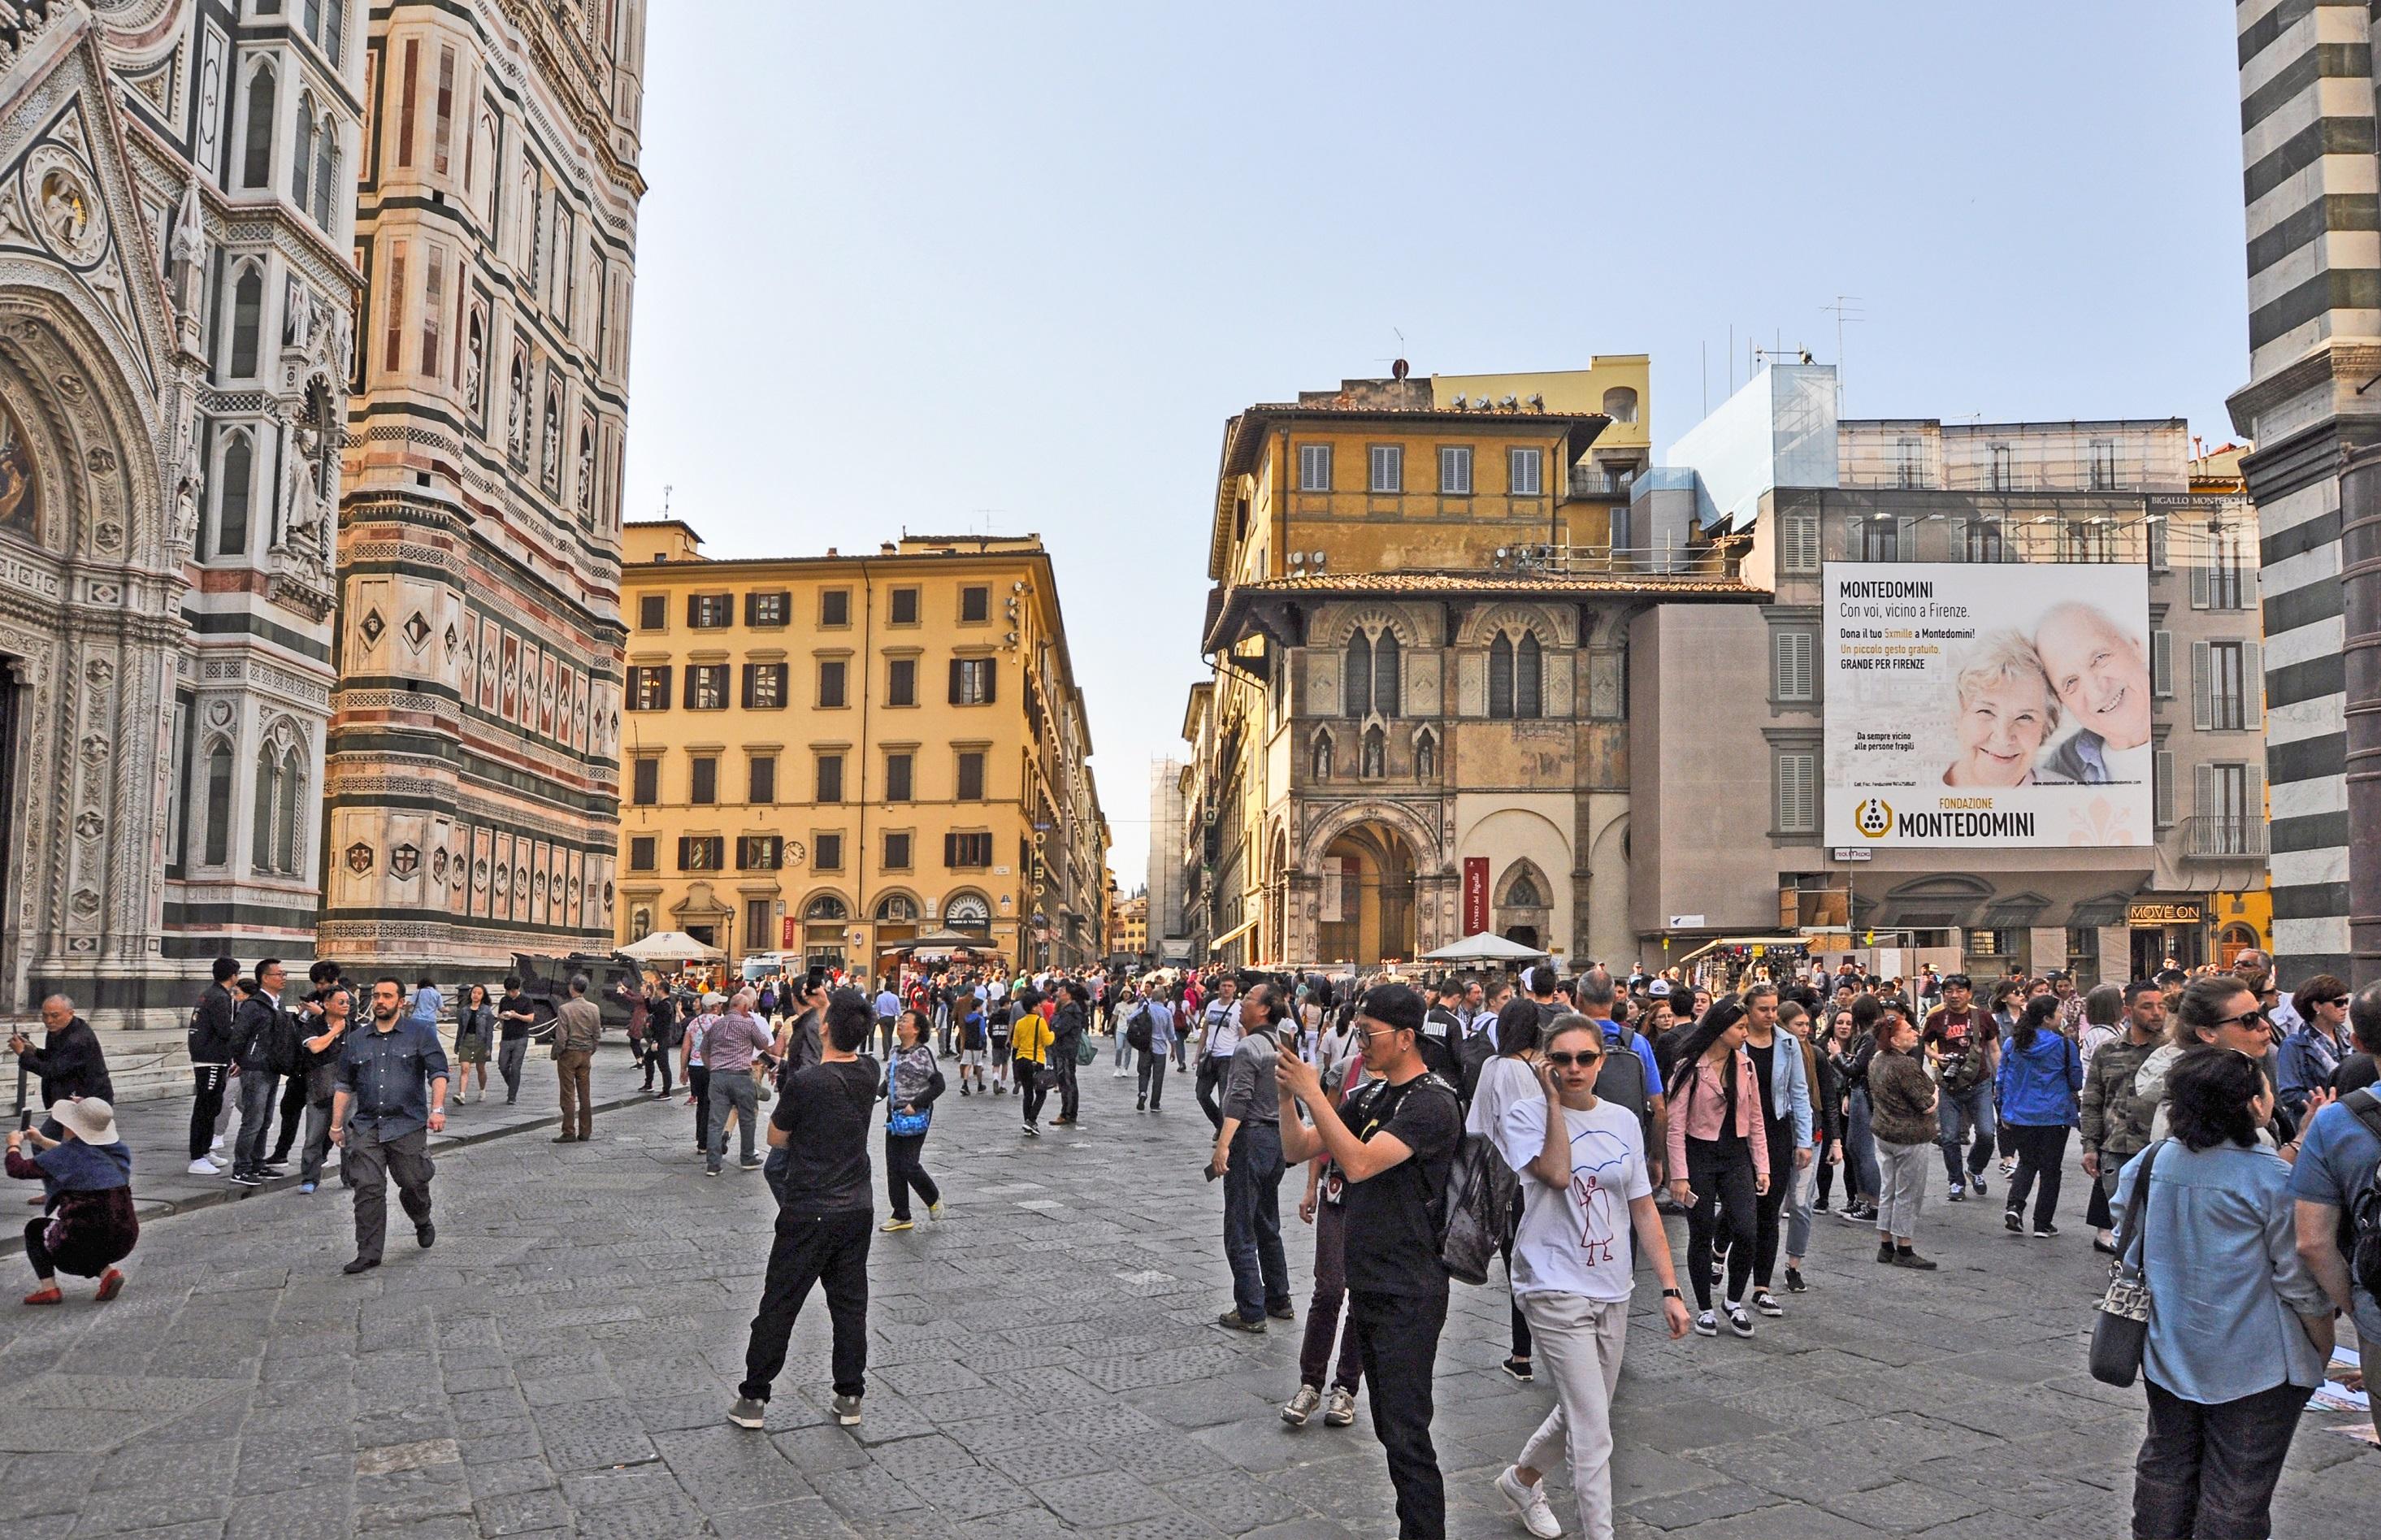 FI – Piazza del Duomo (1) – MONTEDOMINI